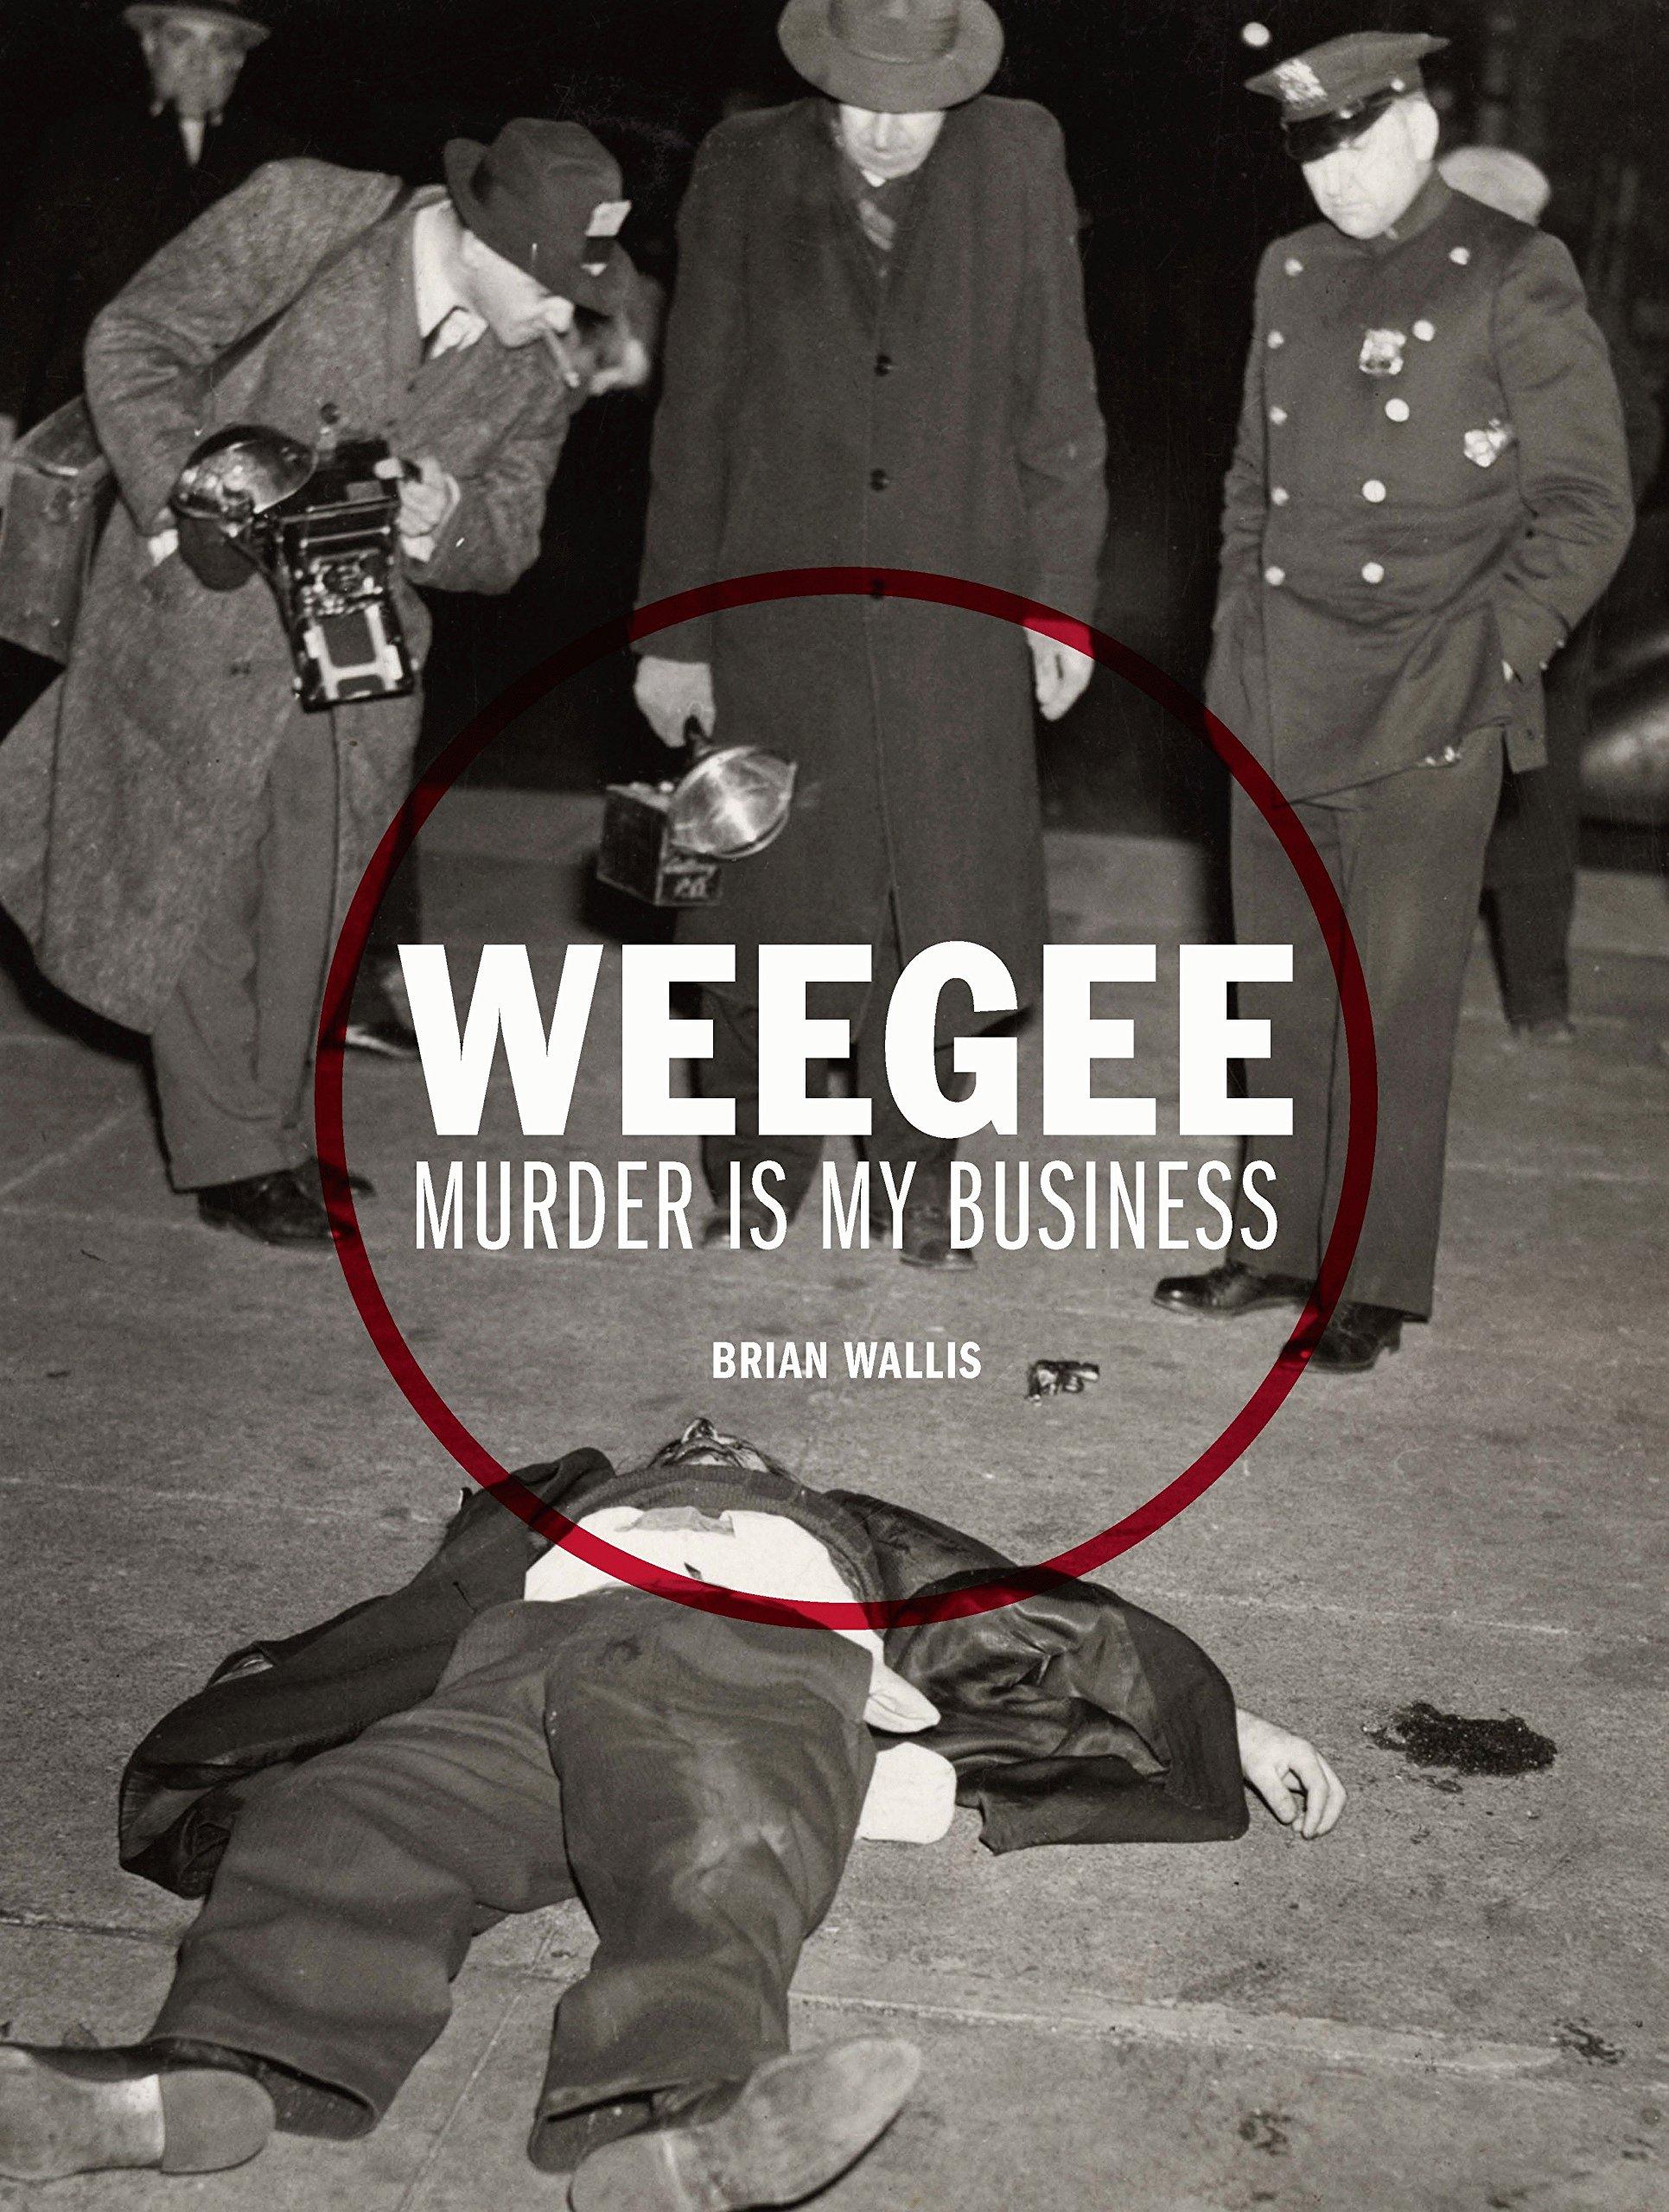 Weegee: Murder is My Business<br />New York, Prestel<br />2013